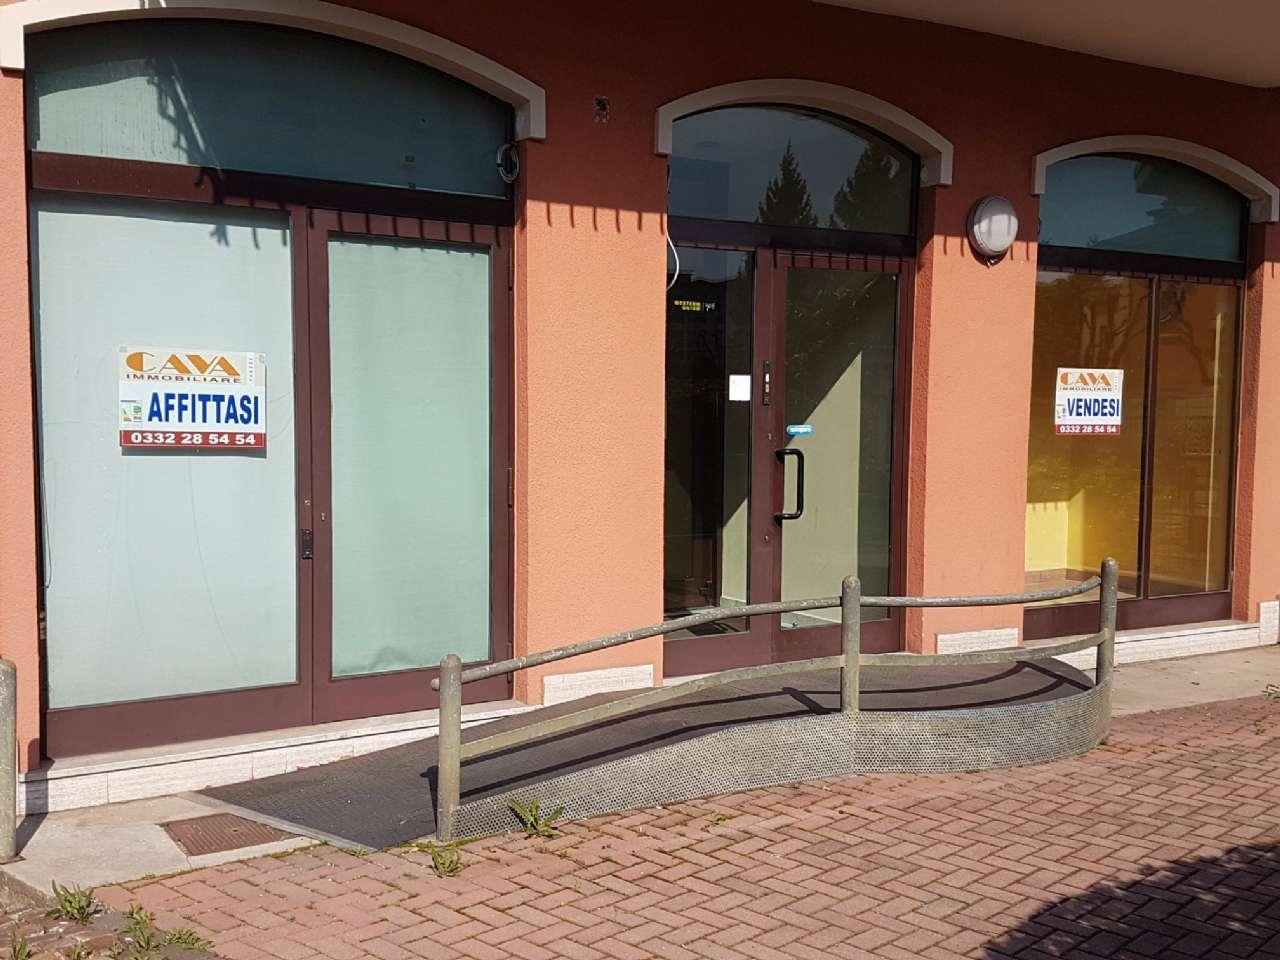 Negozio / Locale in vendita a Varese, 9999 locali, prezzo € 400.000 | PortaleAgenzieImmobiliari.it